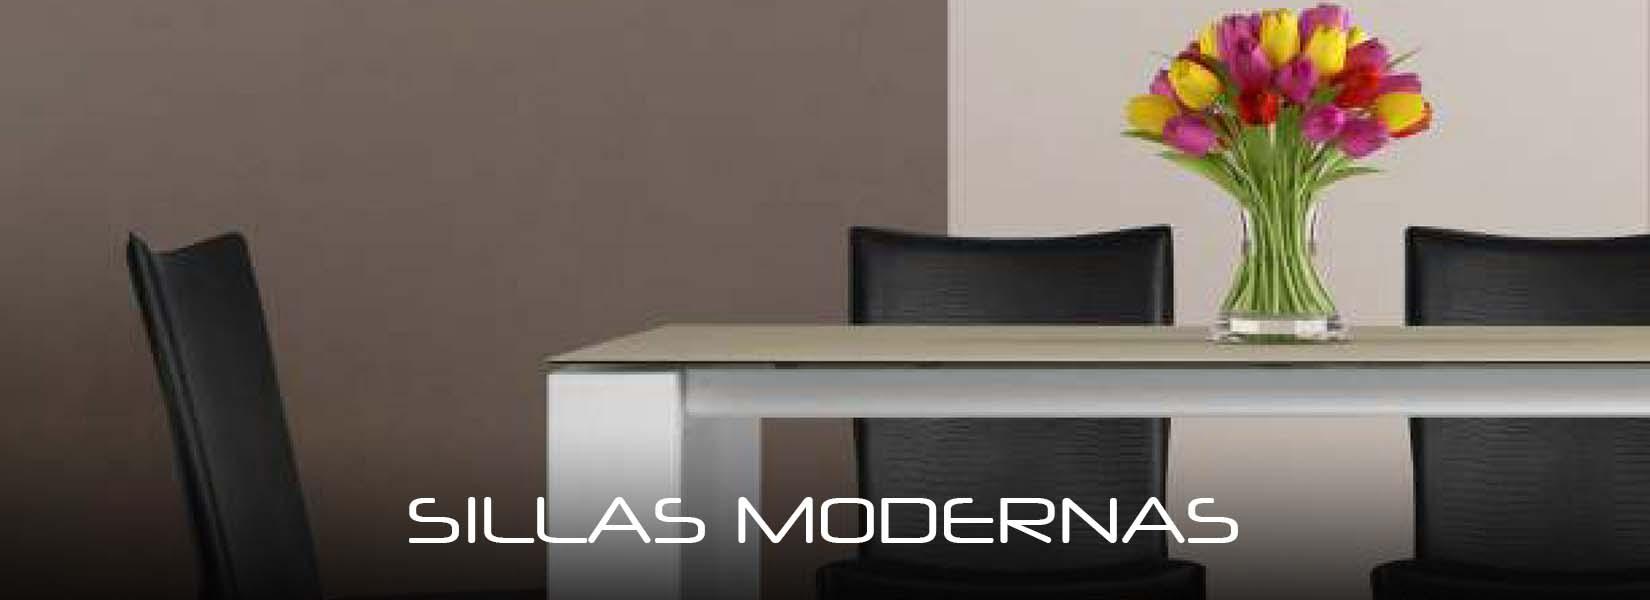 Decoraci n rafael caballero sillas modernas for Sillas modernas 2016